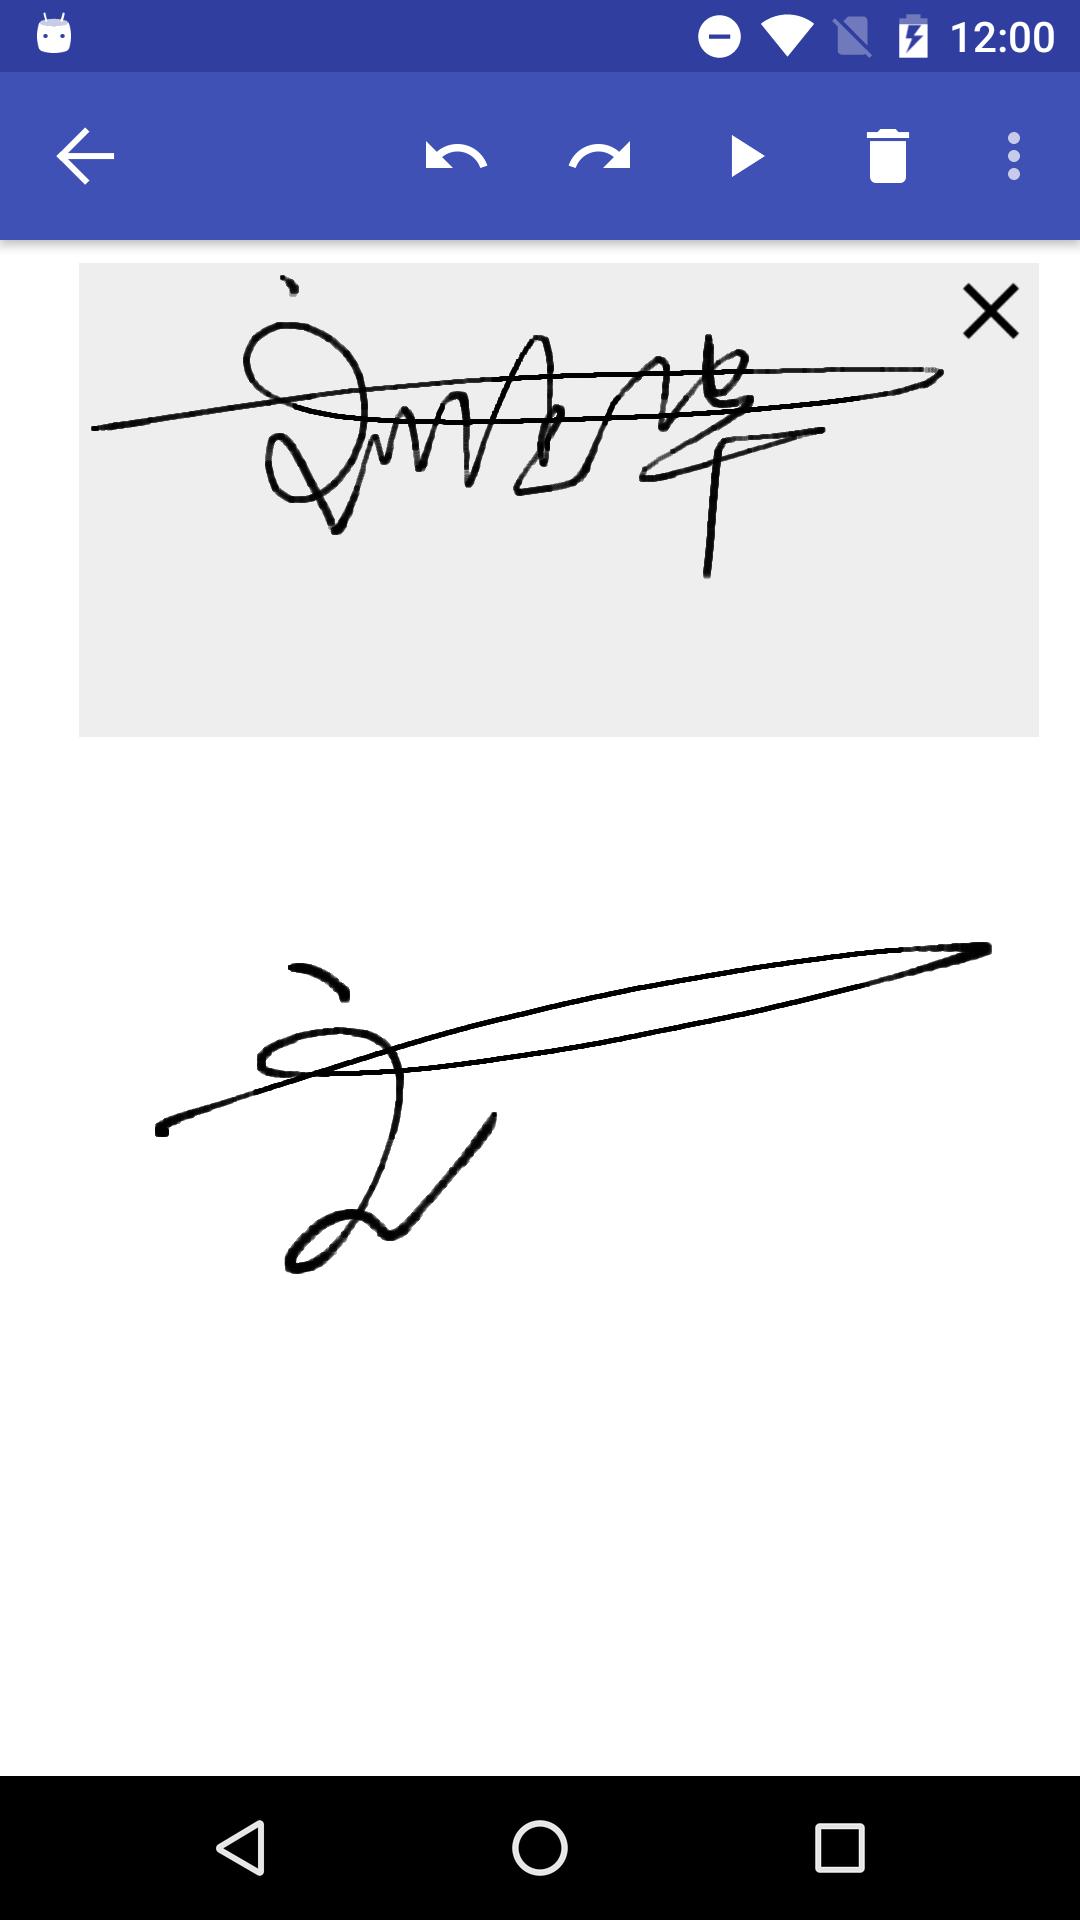 墨签艺术签名截图